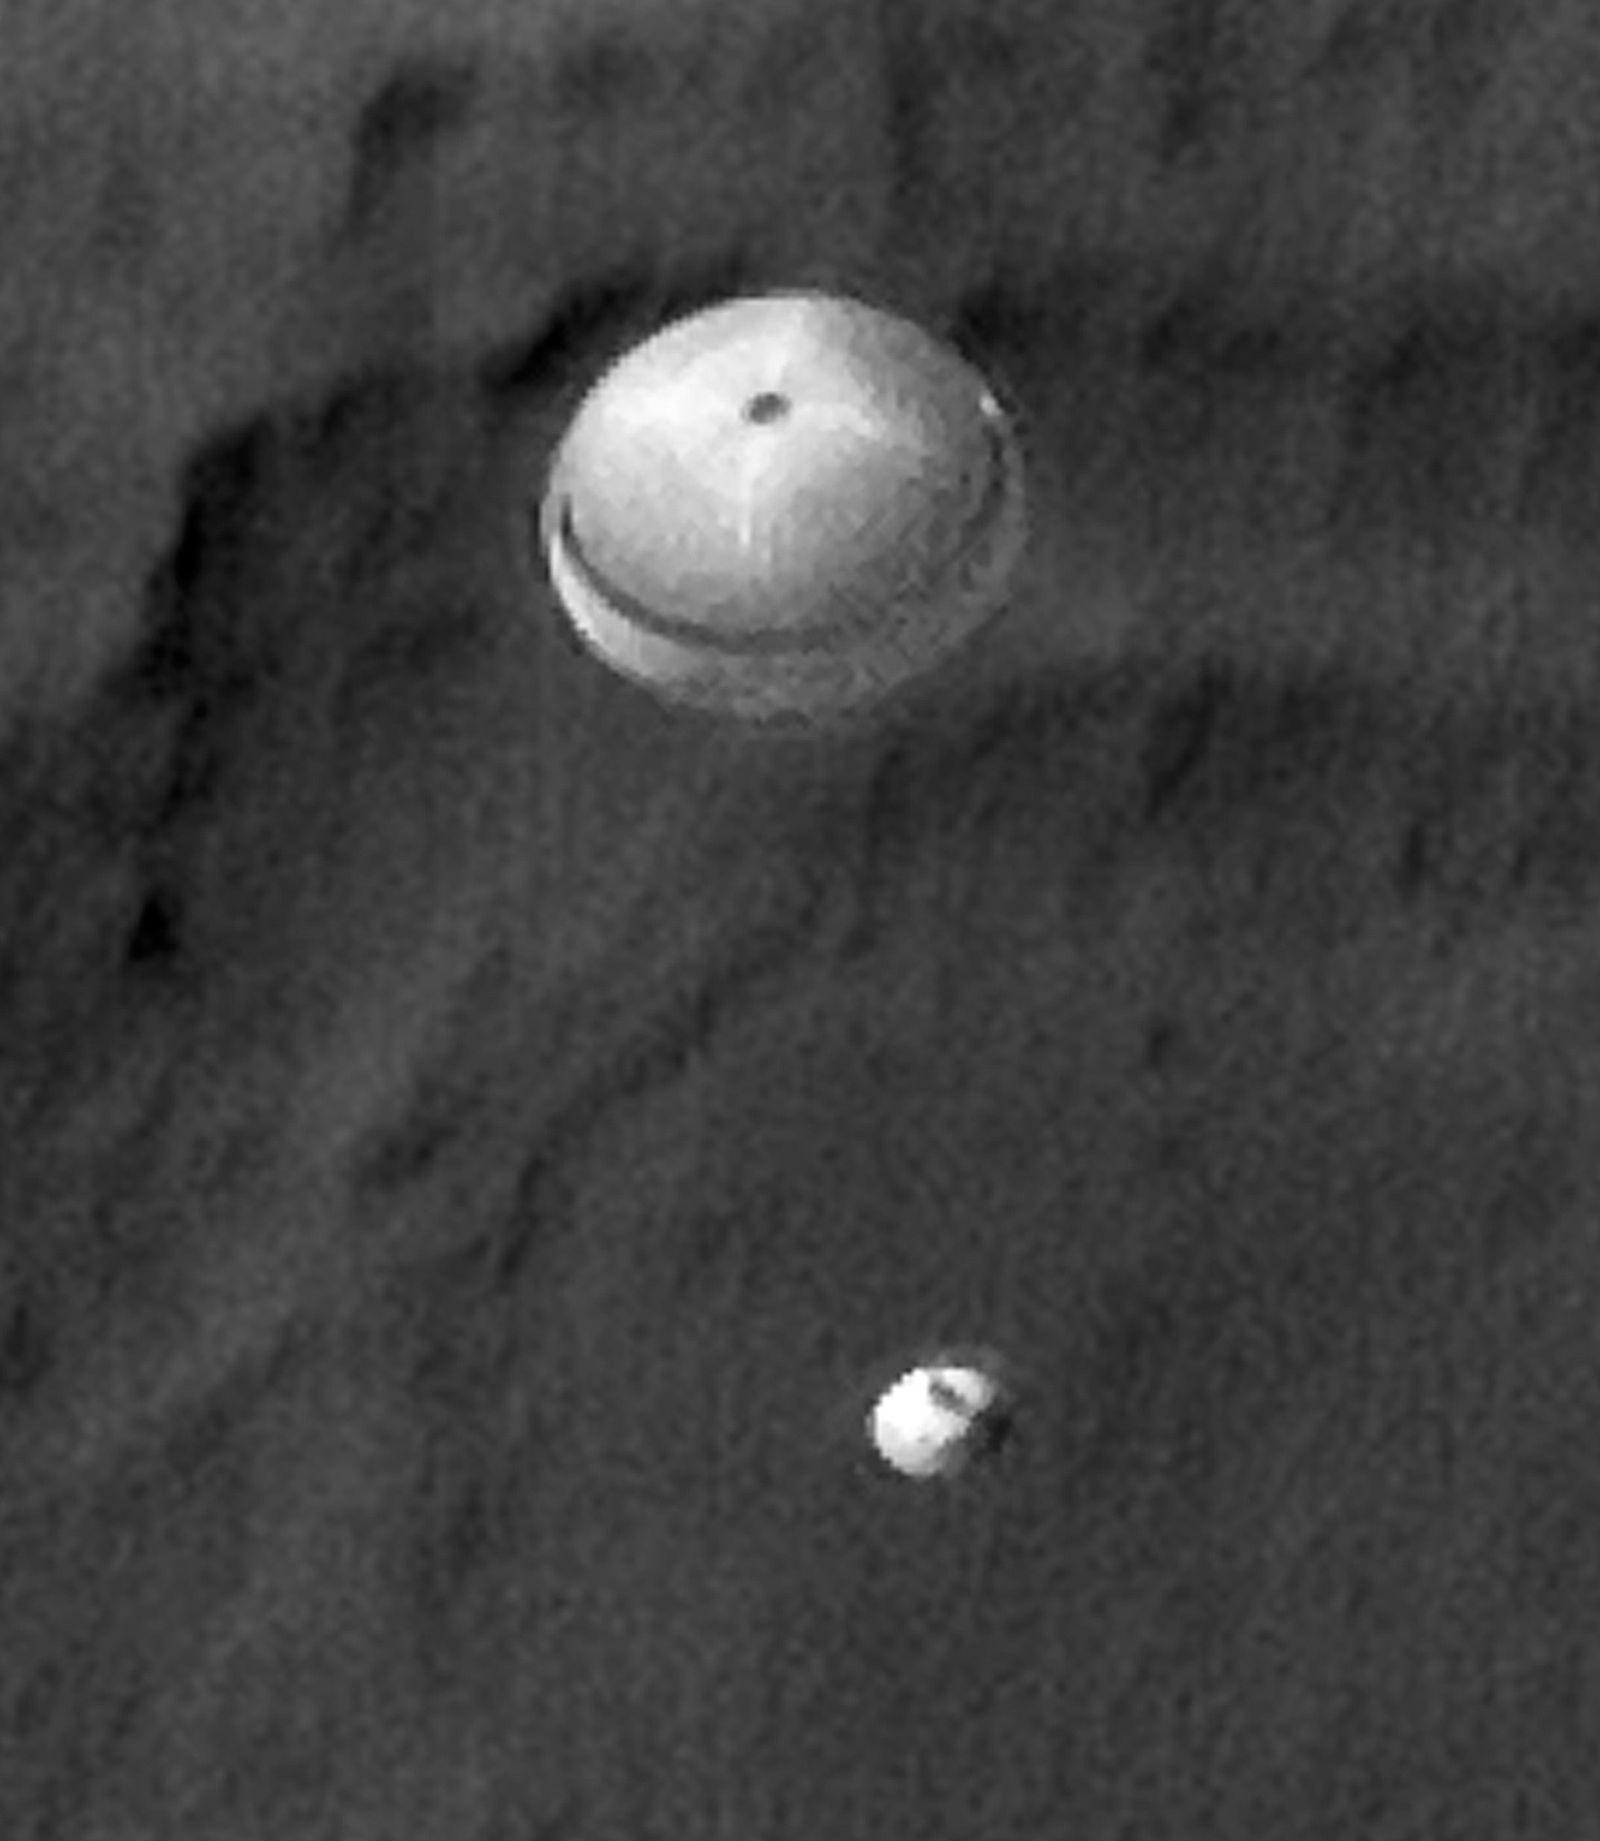 Aufnahme des Mars-Orbiter Reconnaissance von der Fallschirmlandung des NASA-Rovers Curiosity auf dem Mars.